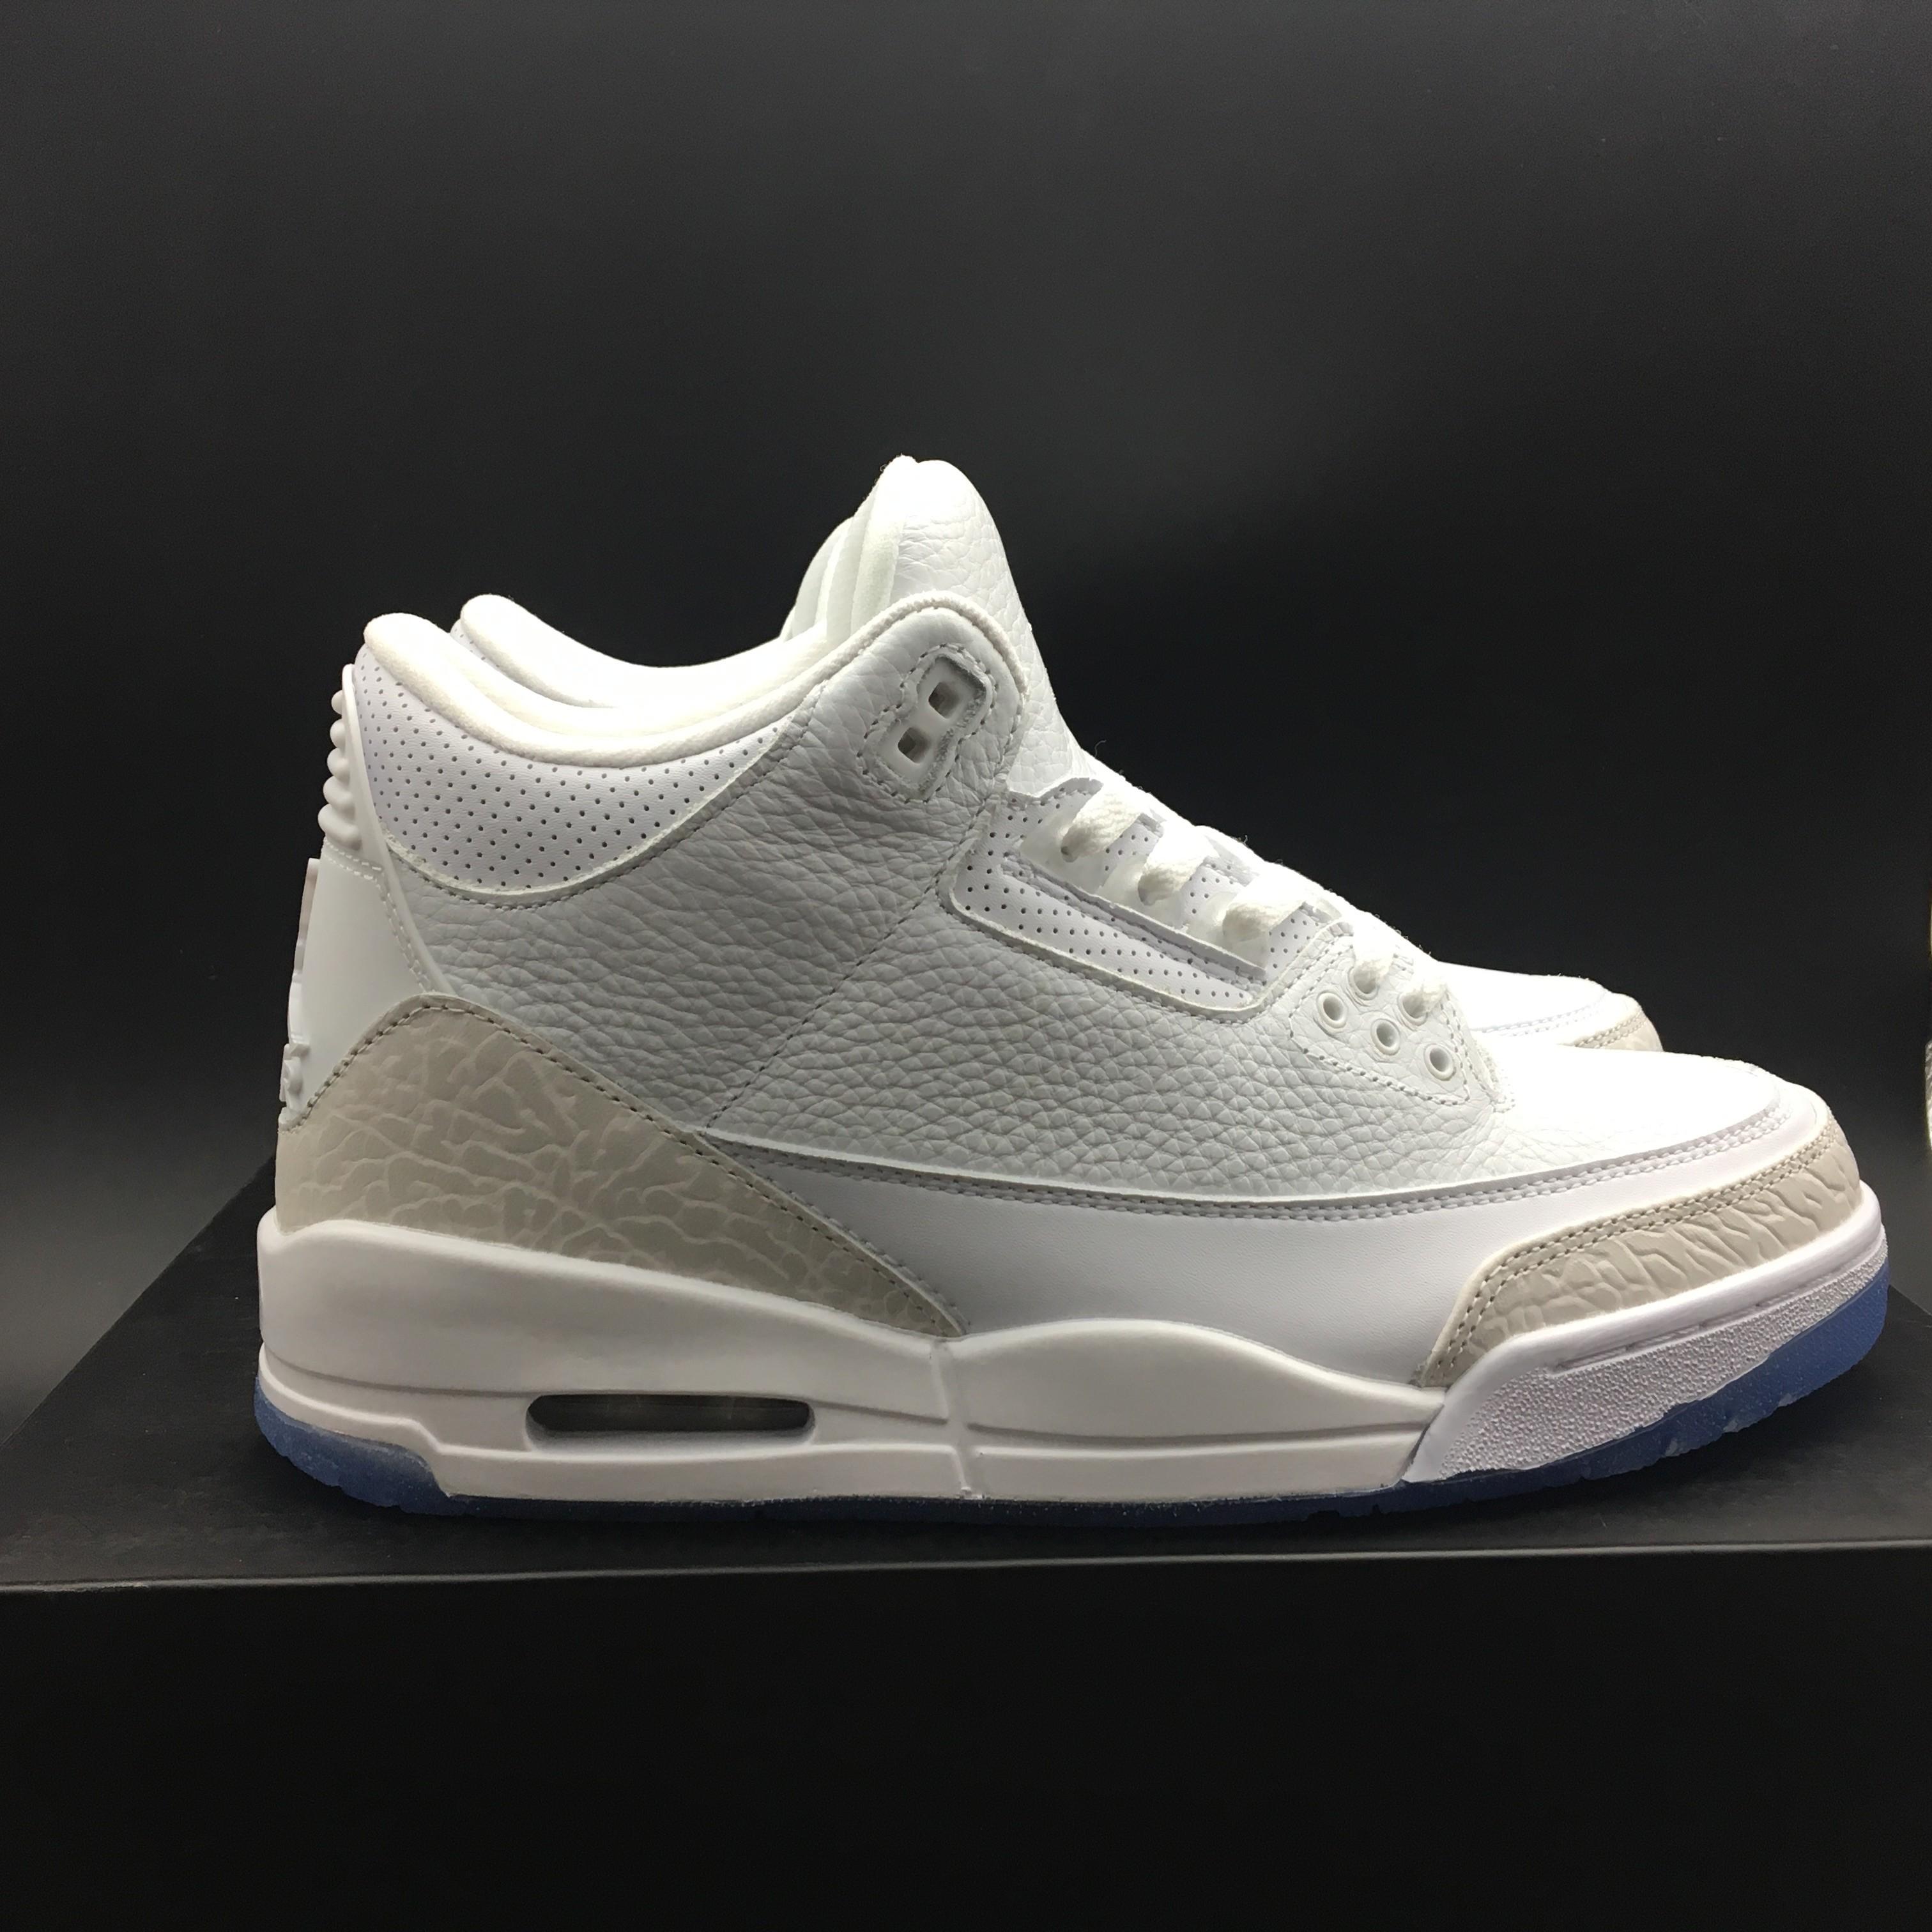 Air Jordan 3 Pure Money,Air Jordan 3 Retro Pure Money,Jordan 3 Air ...